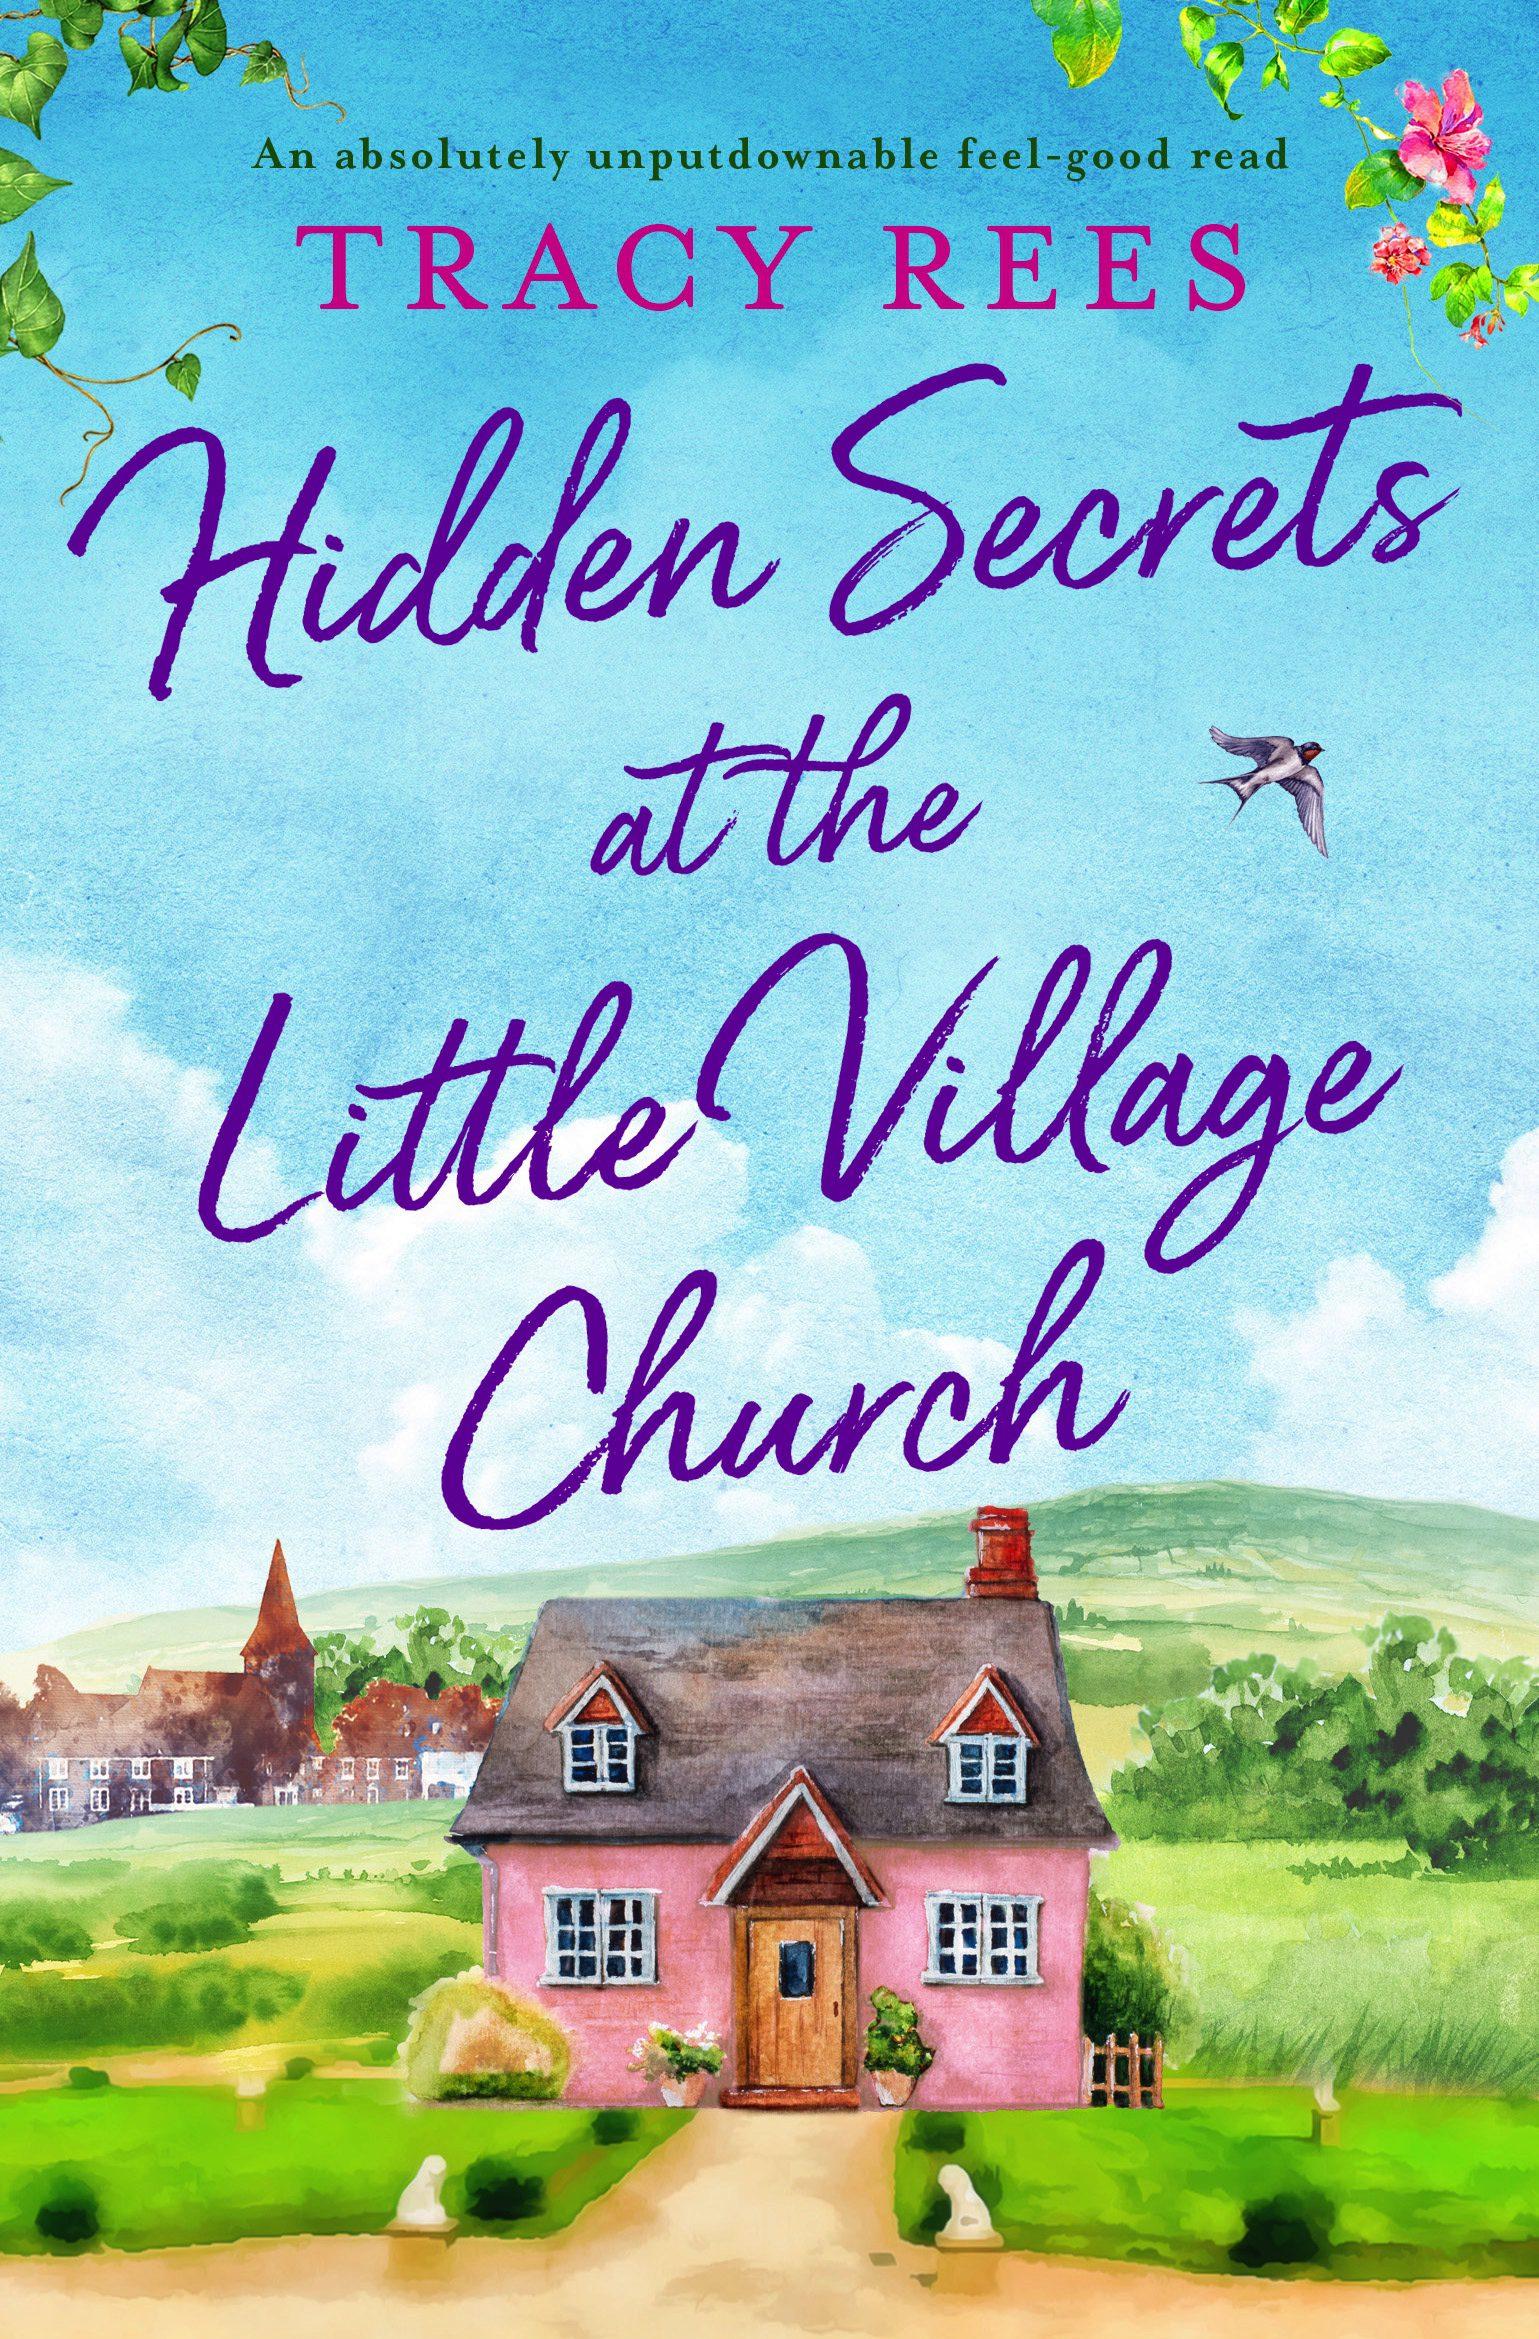 Hidden Secrets at the Little Village Church book cover